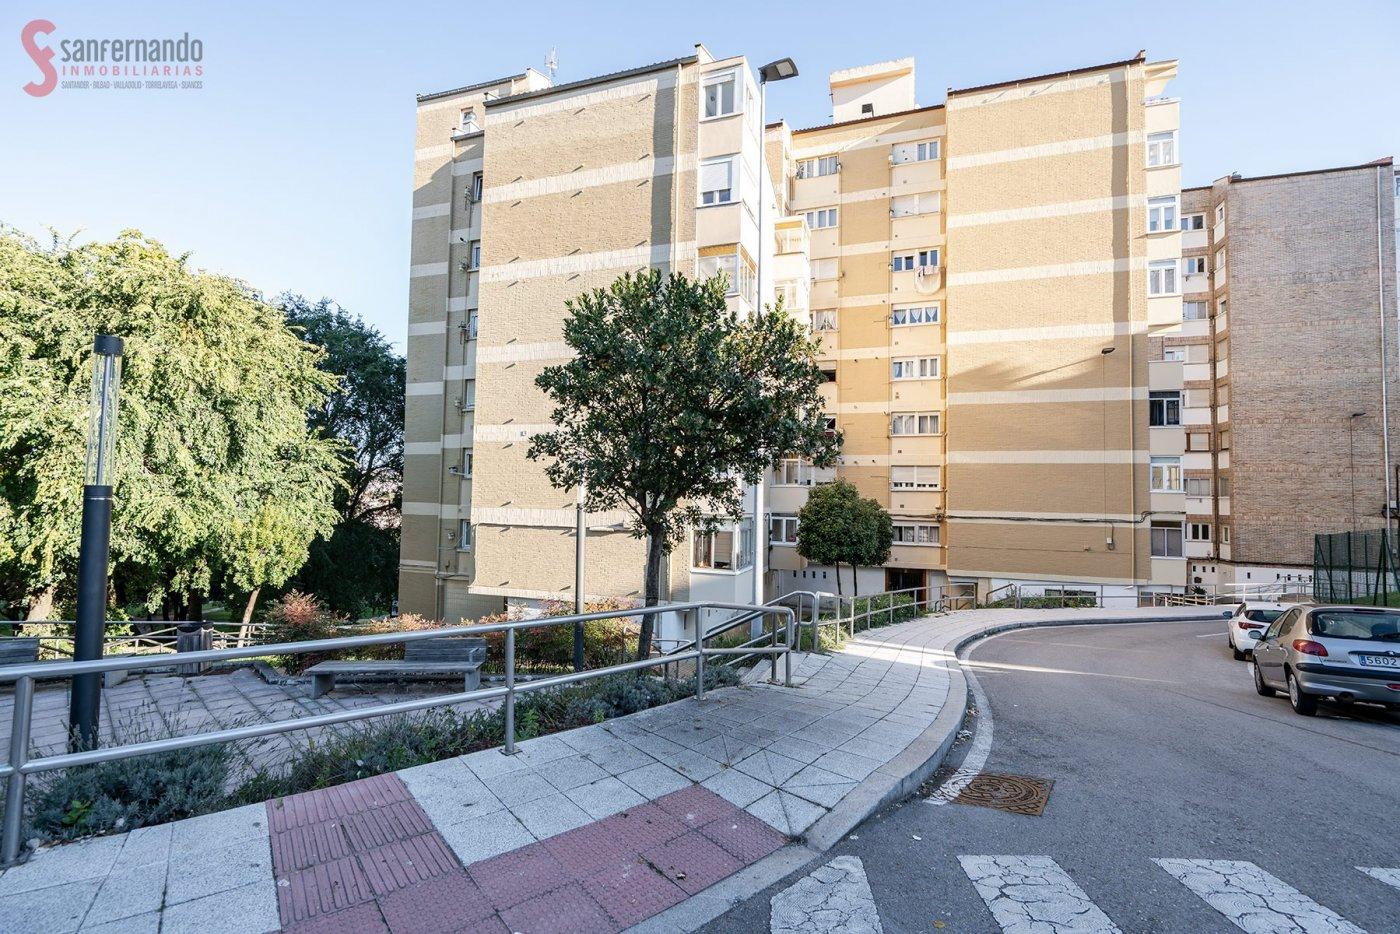 Piso en Santander – 84652